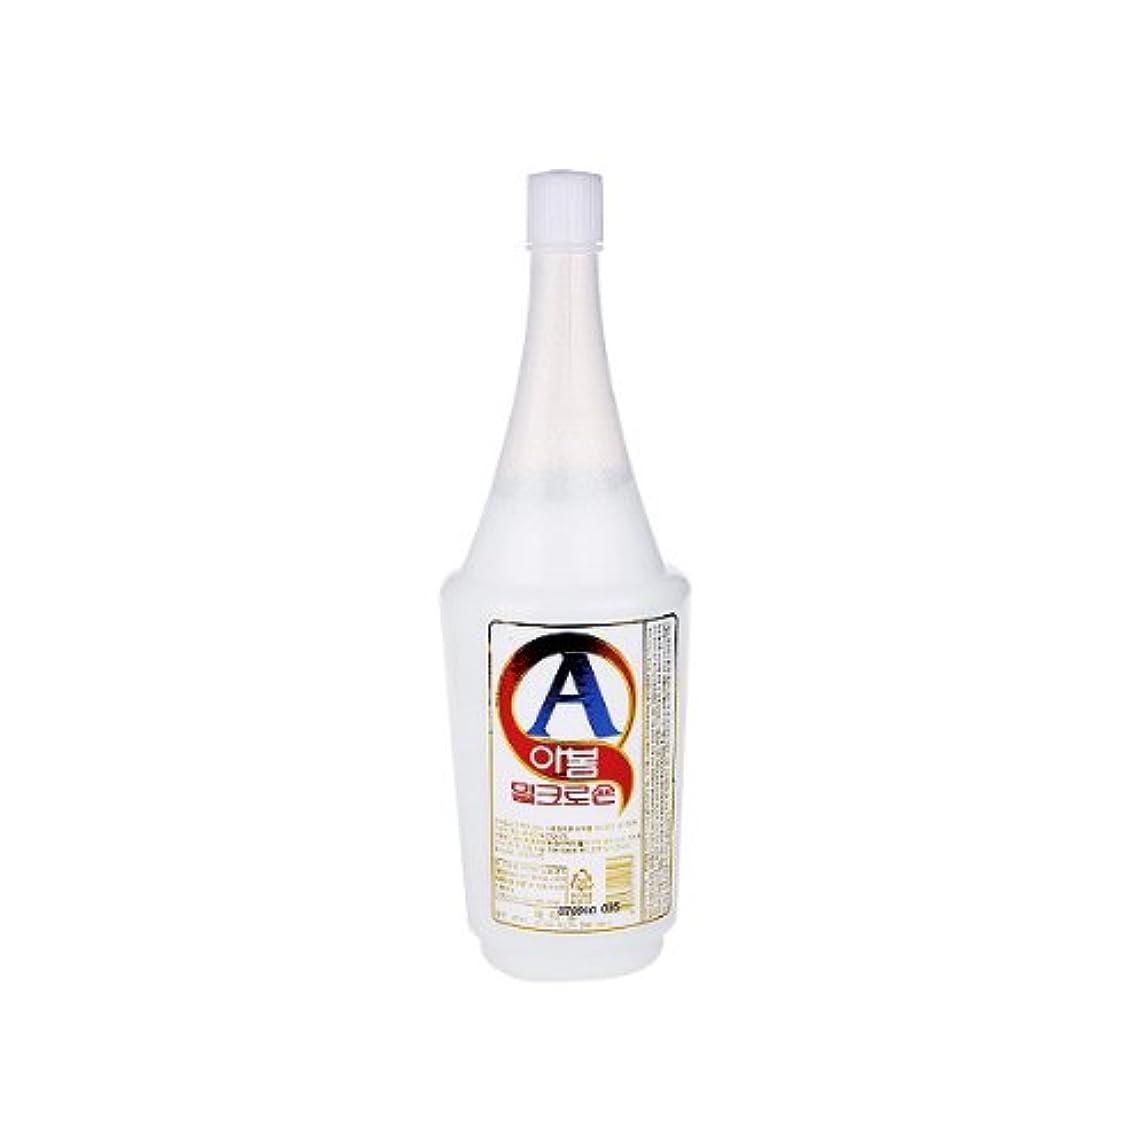 ミシンビタミン竜巻アボム ミルクローション 450ml マッサージ用 乳液 業務用